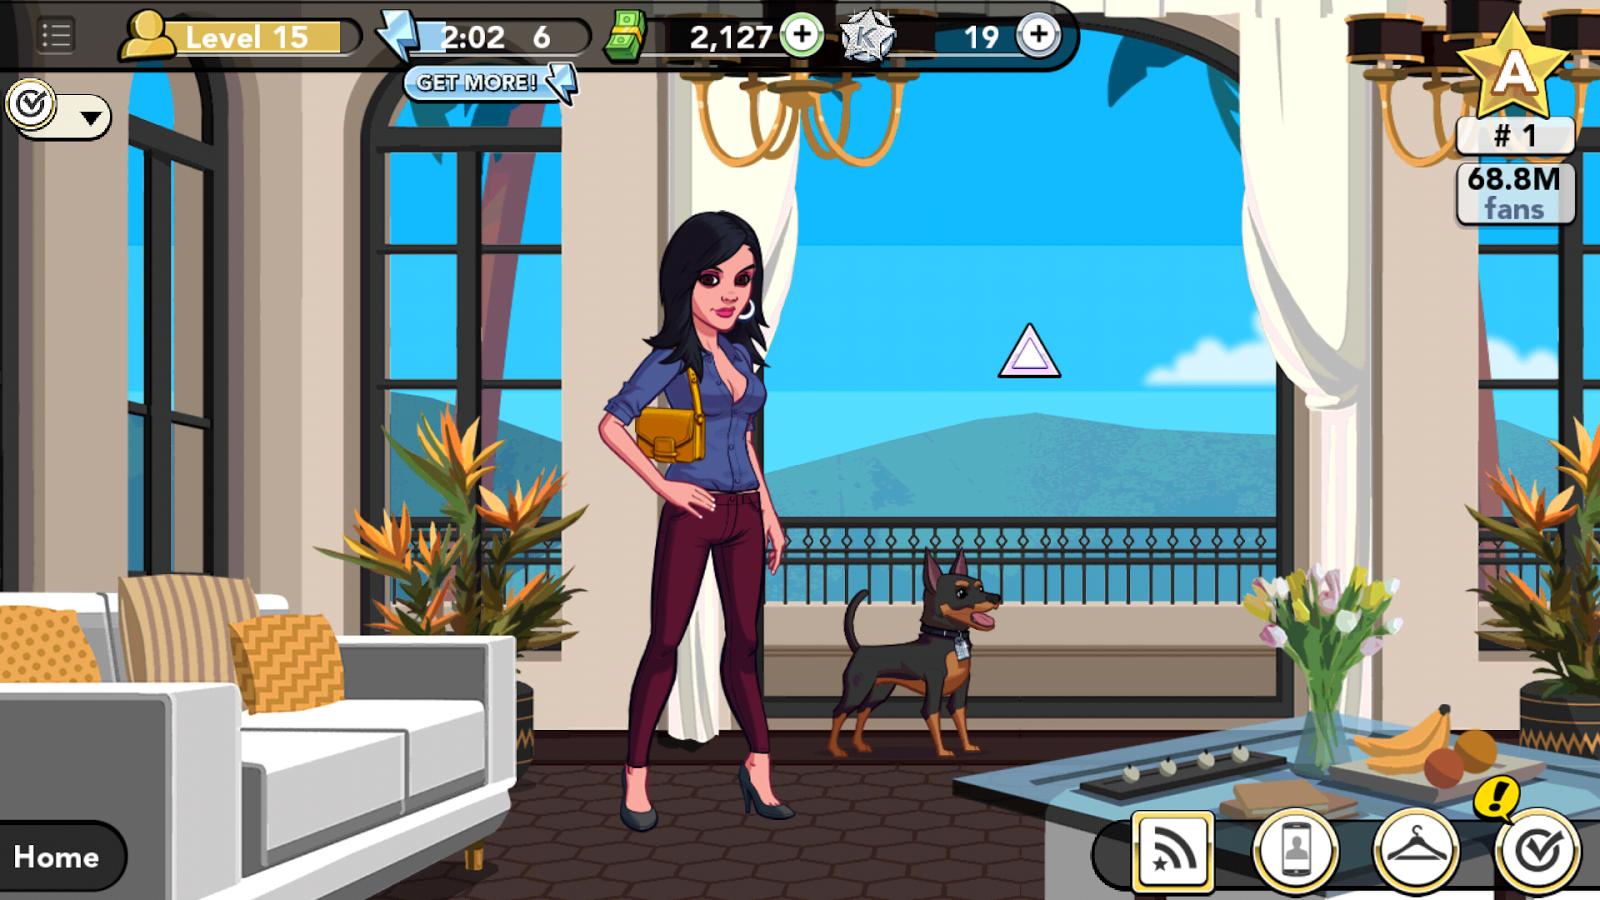 Kim Kardashian: Hollywood game - Miami beach house with Miniature Pinscher pet